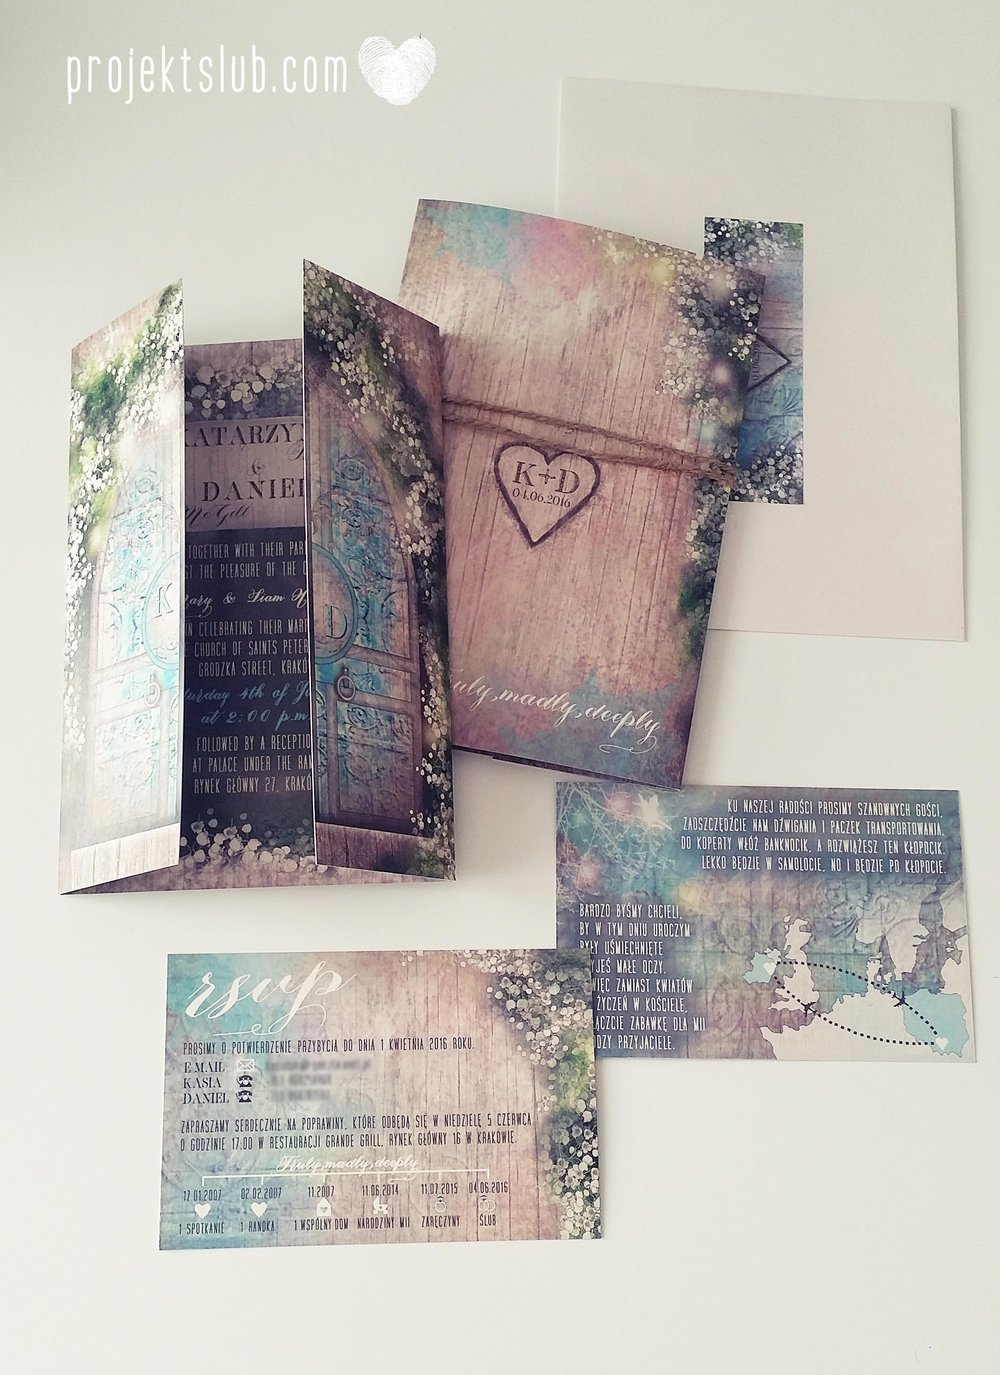 Zaproszenie ślubne zaczarowany las z motywem konwali w stylu rustykalnym z akcentami turkusu i rysunkiem drewna (3).jpg